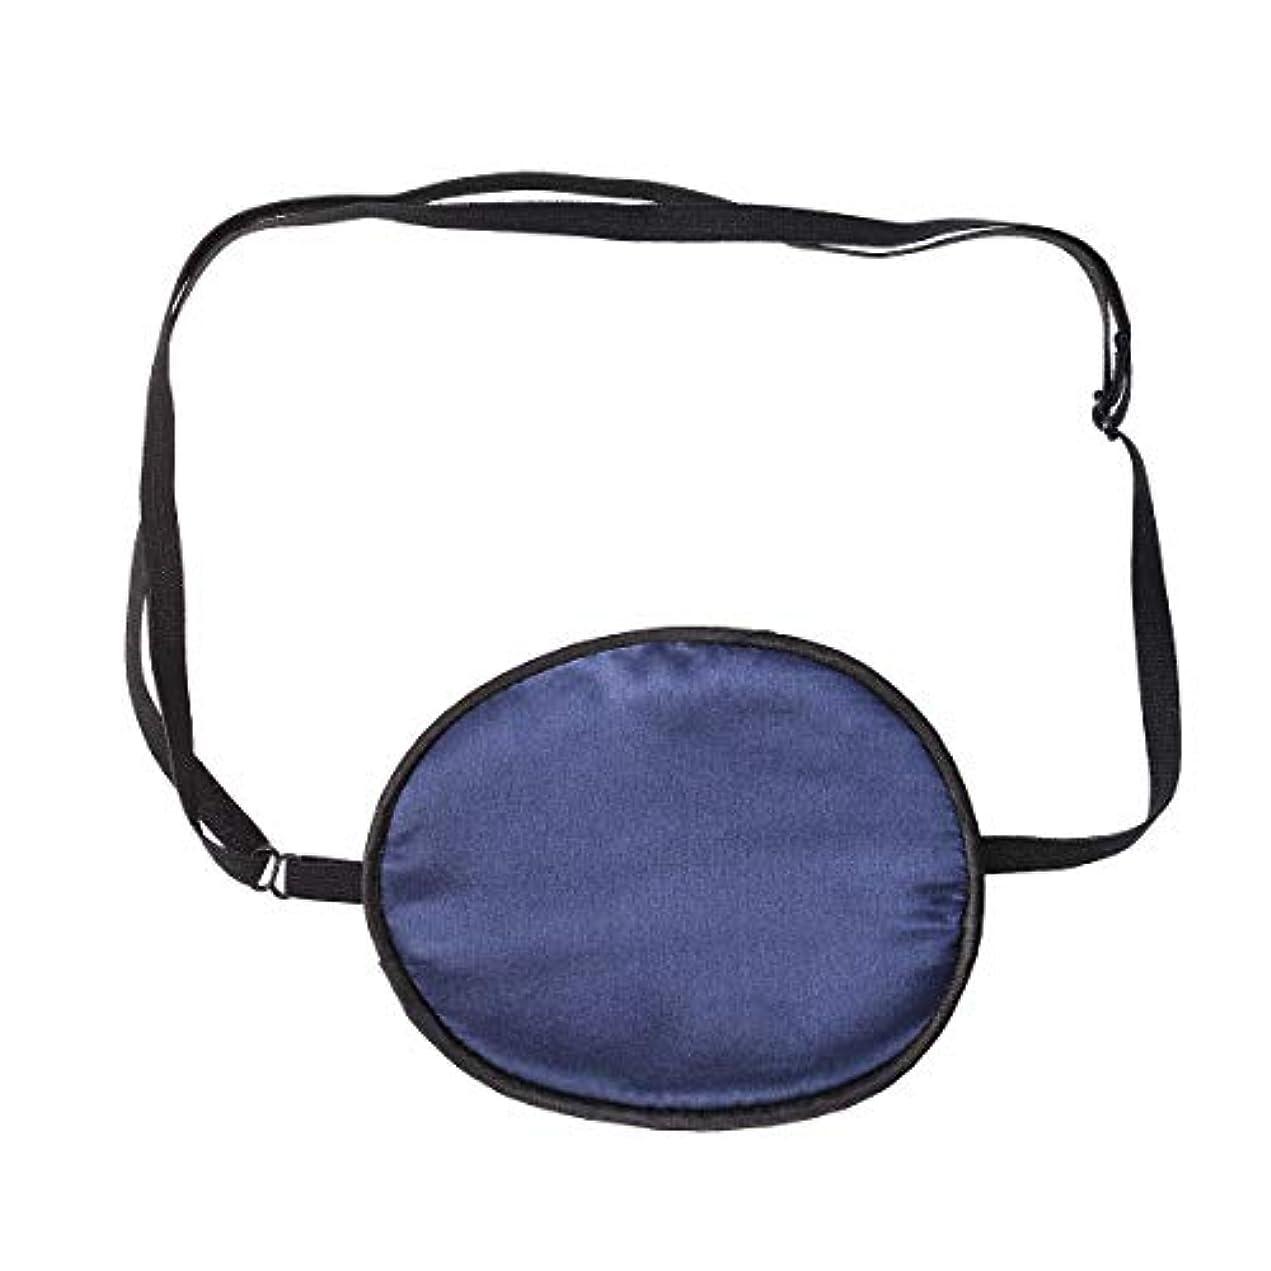 ダニ引き付ける所持SUPVOX シルクアイパッチソフトで心地良い弾力のあるアイパッチ大人のための漏れのない滑らかな目の失明斜視(ネイビー)